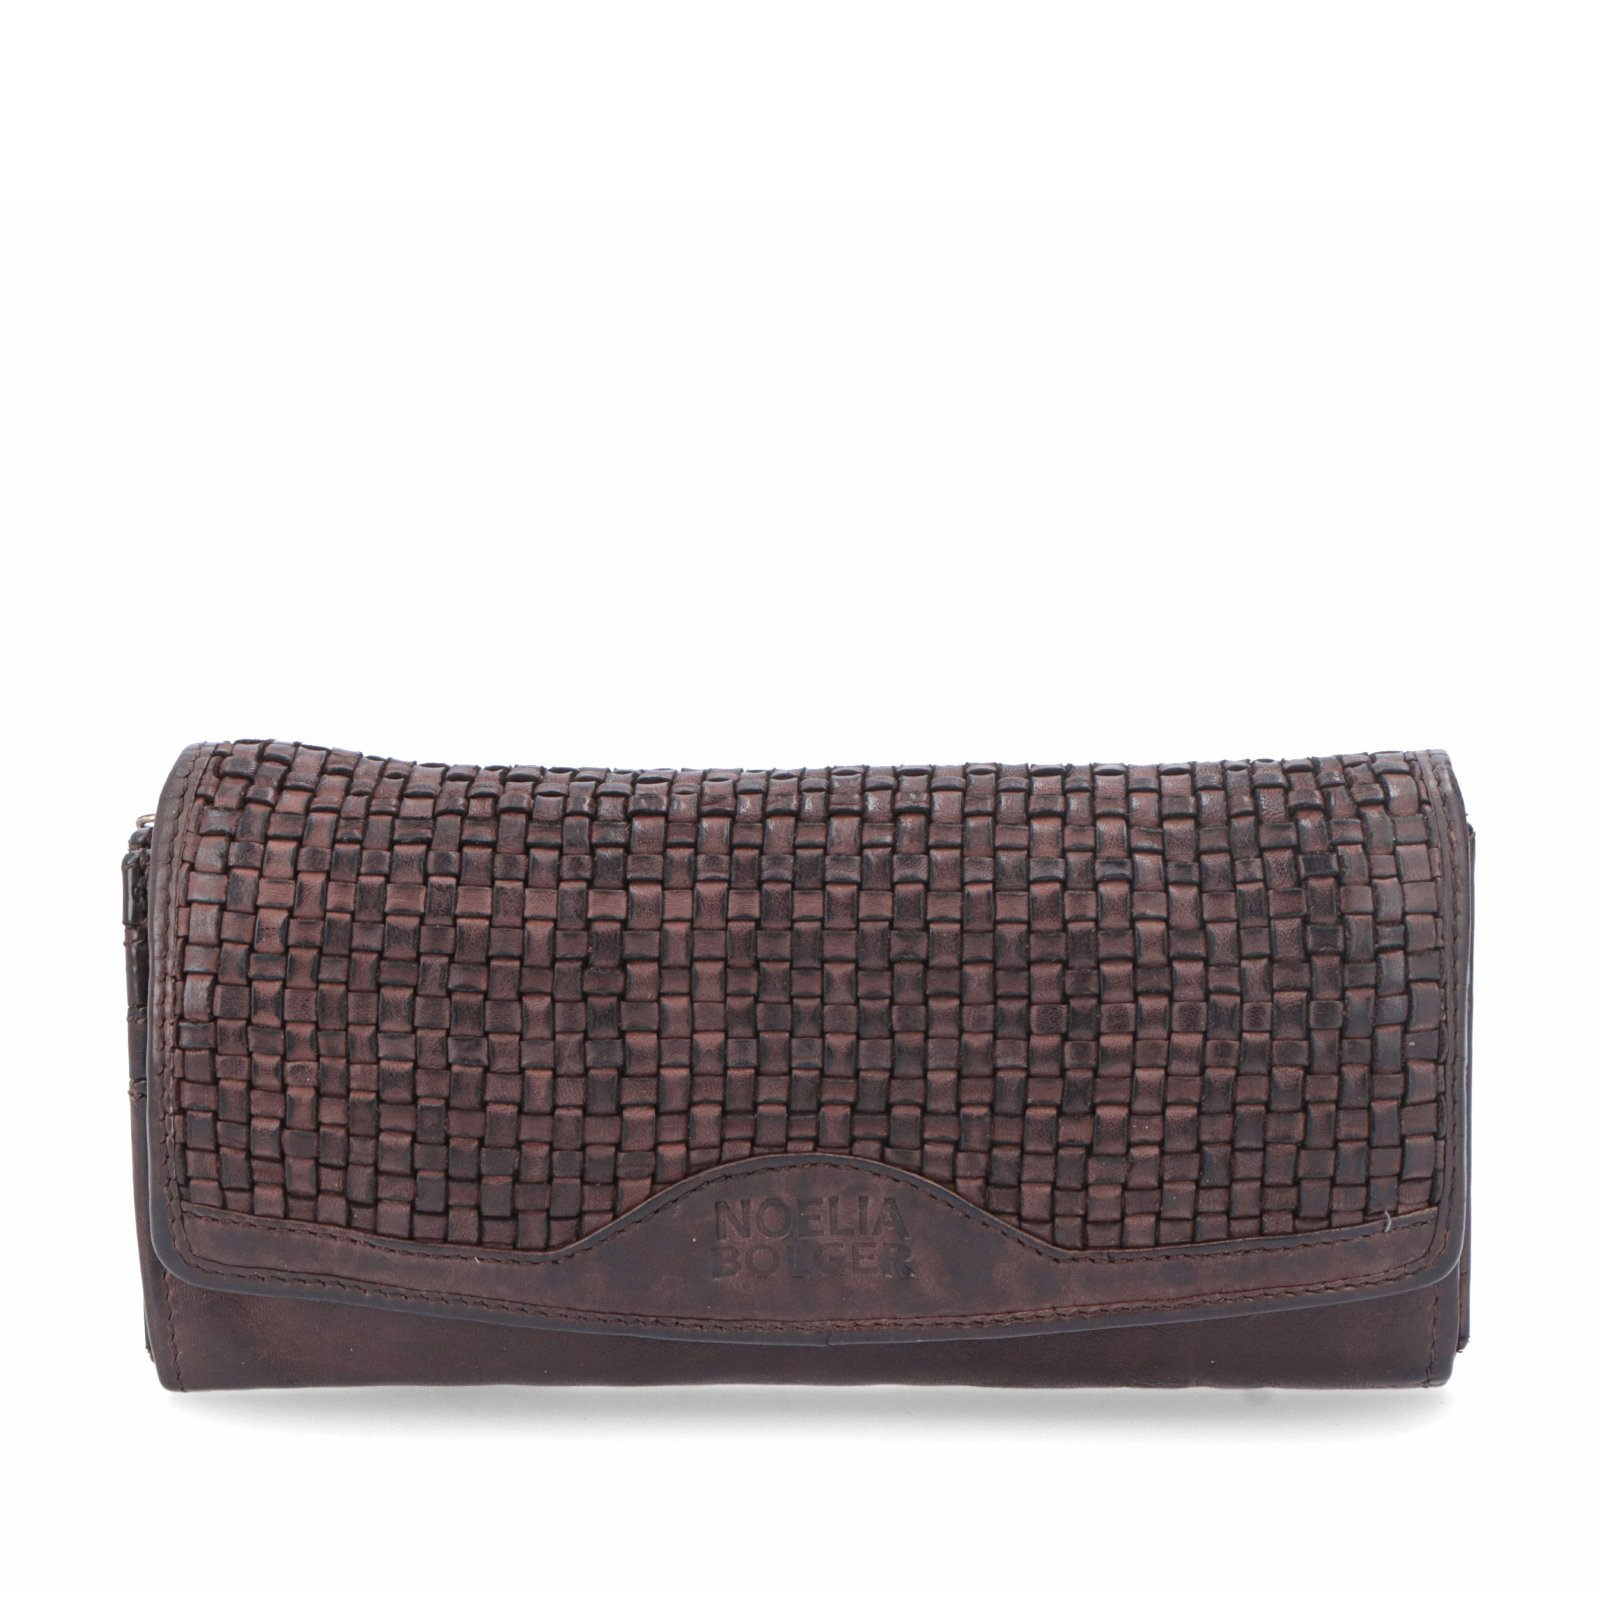 Kožená peněženka Noelia Bolger – 5107 NB H